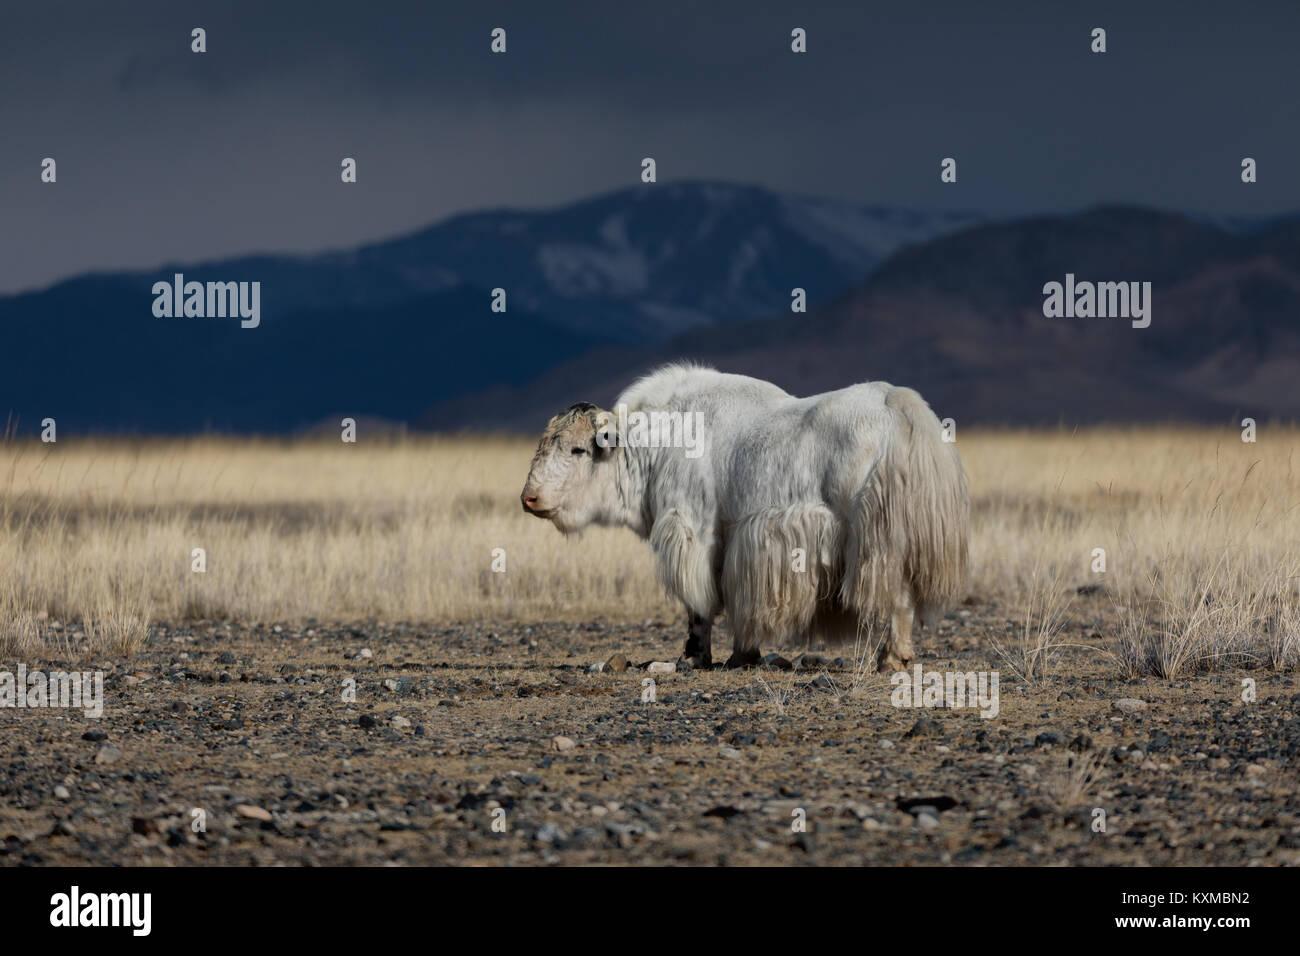 Yak blanc d'hiver des plaines des Prairies steppes de Mongolie Mongolian bull vache Photo Stock